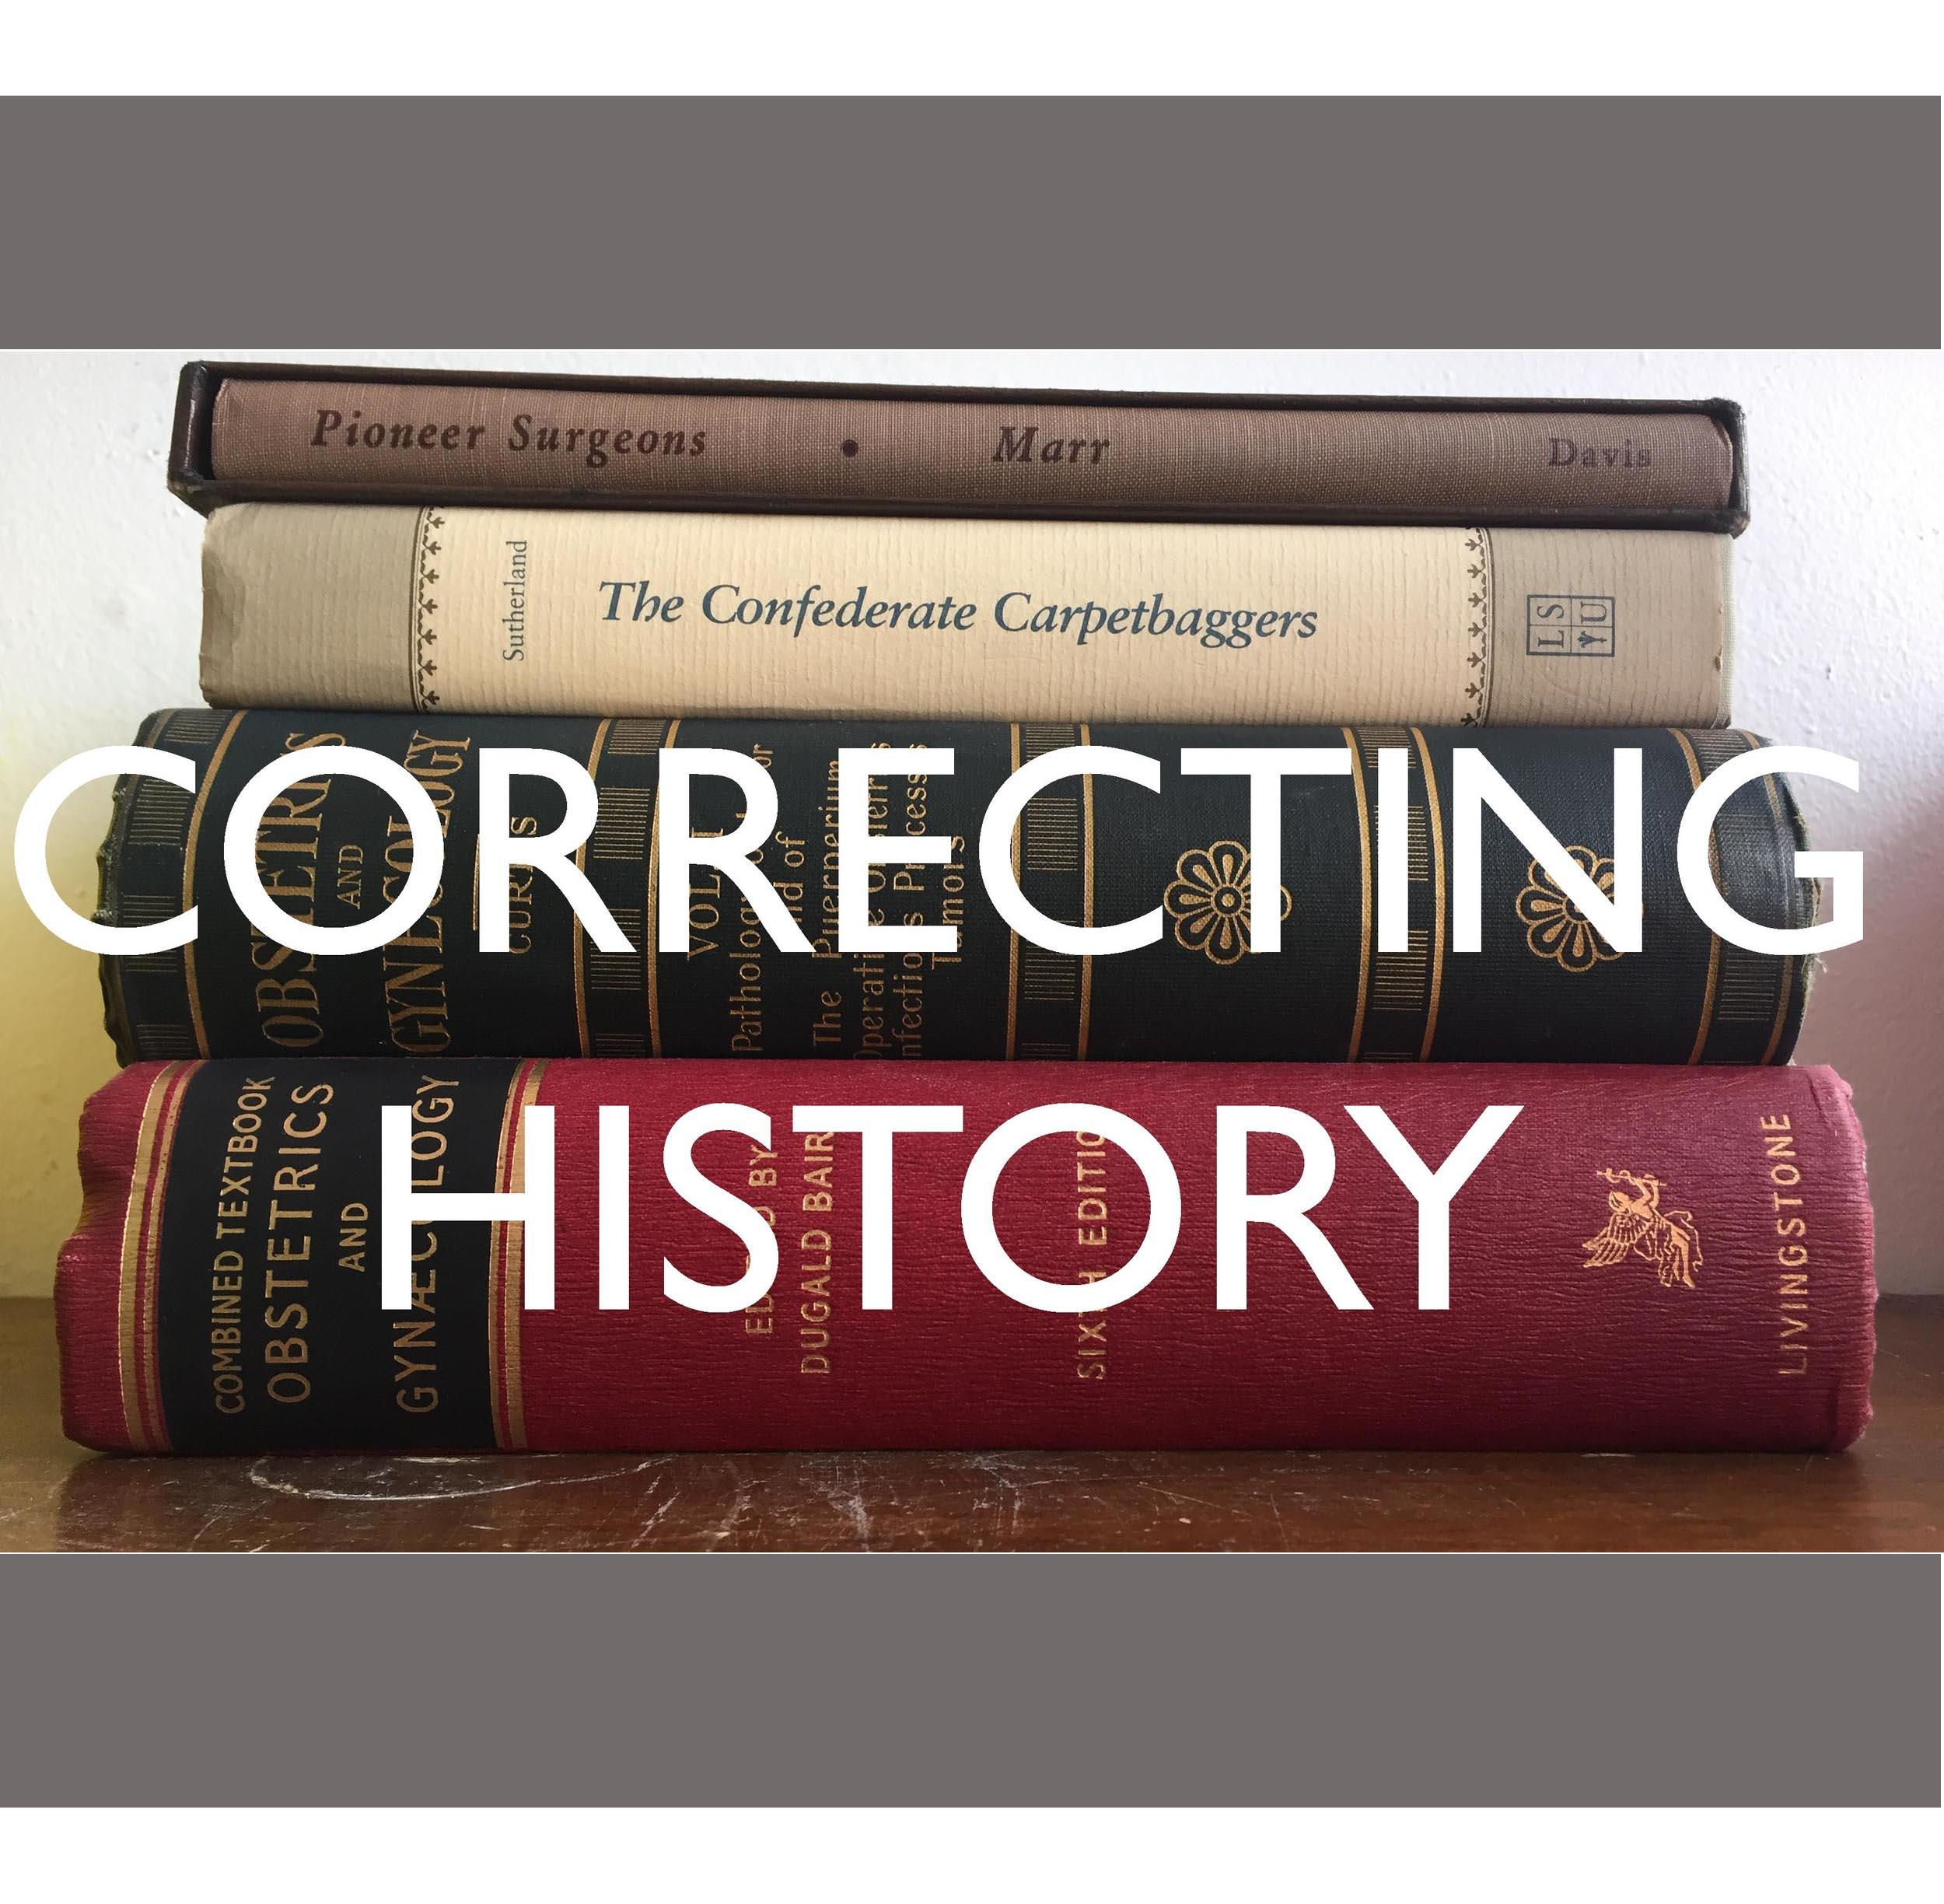 CORRECTING HISTORY